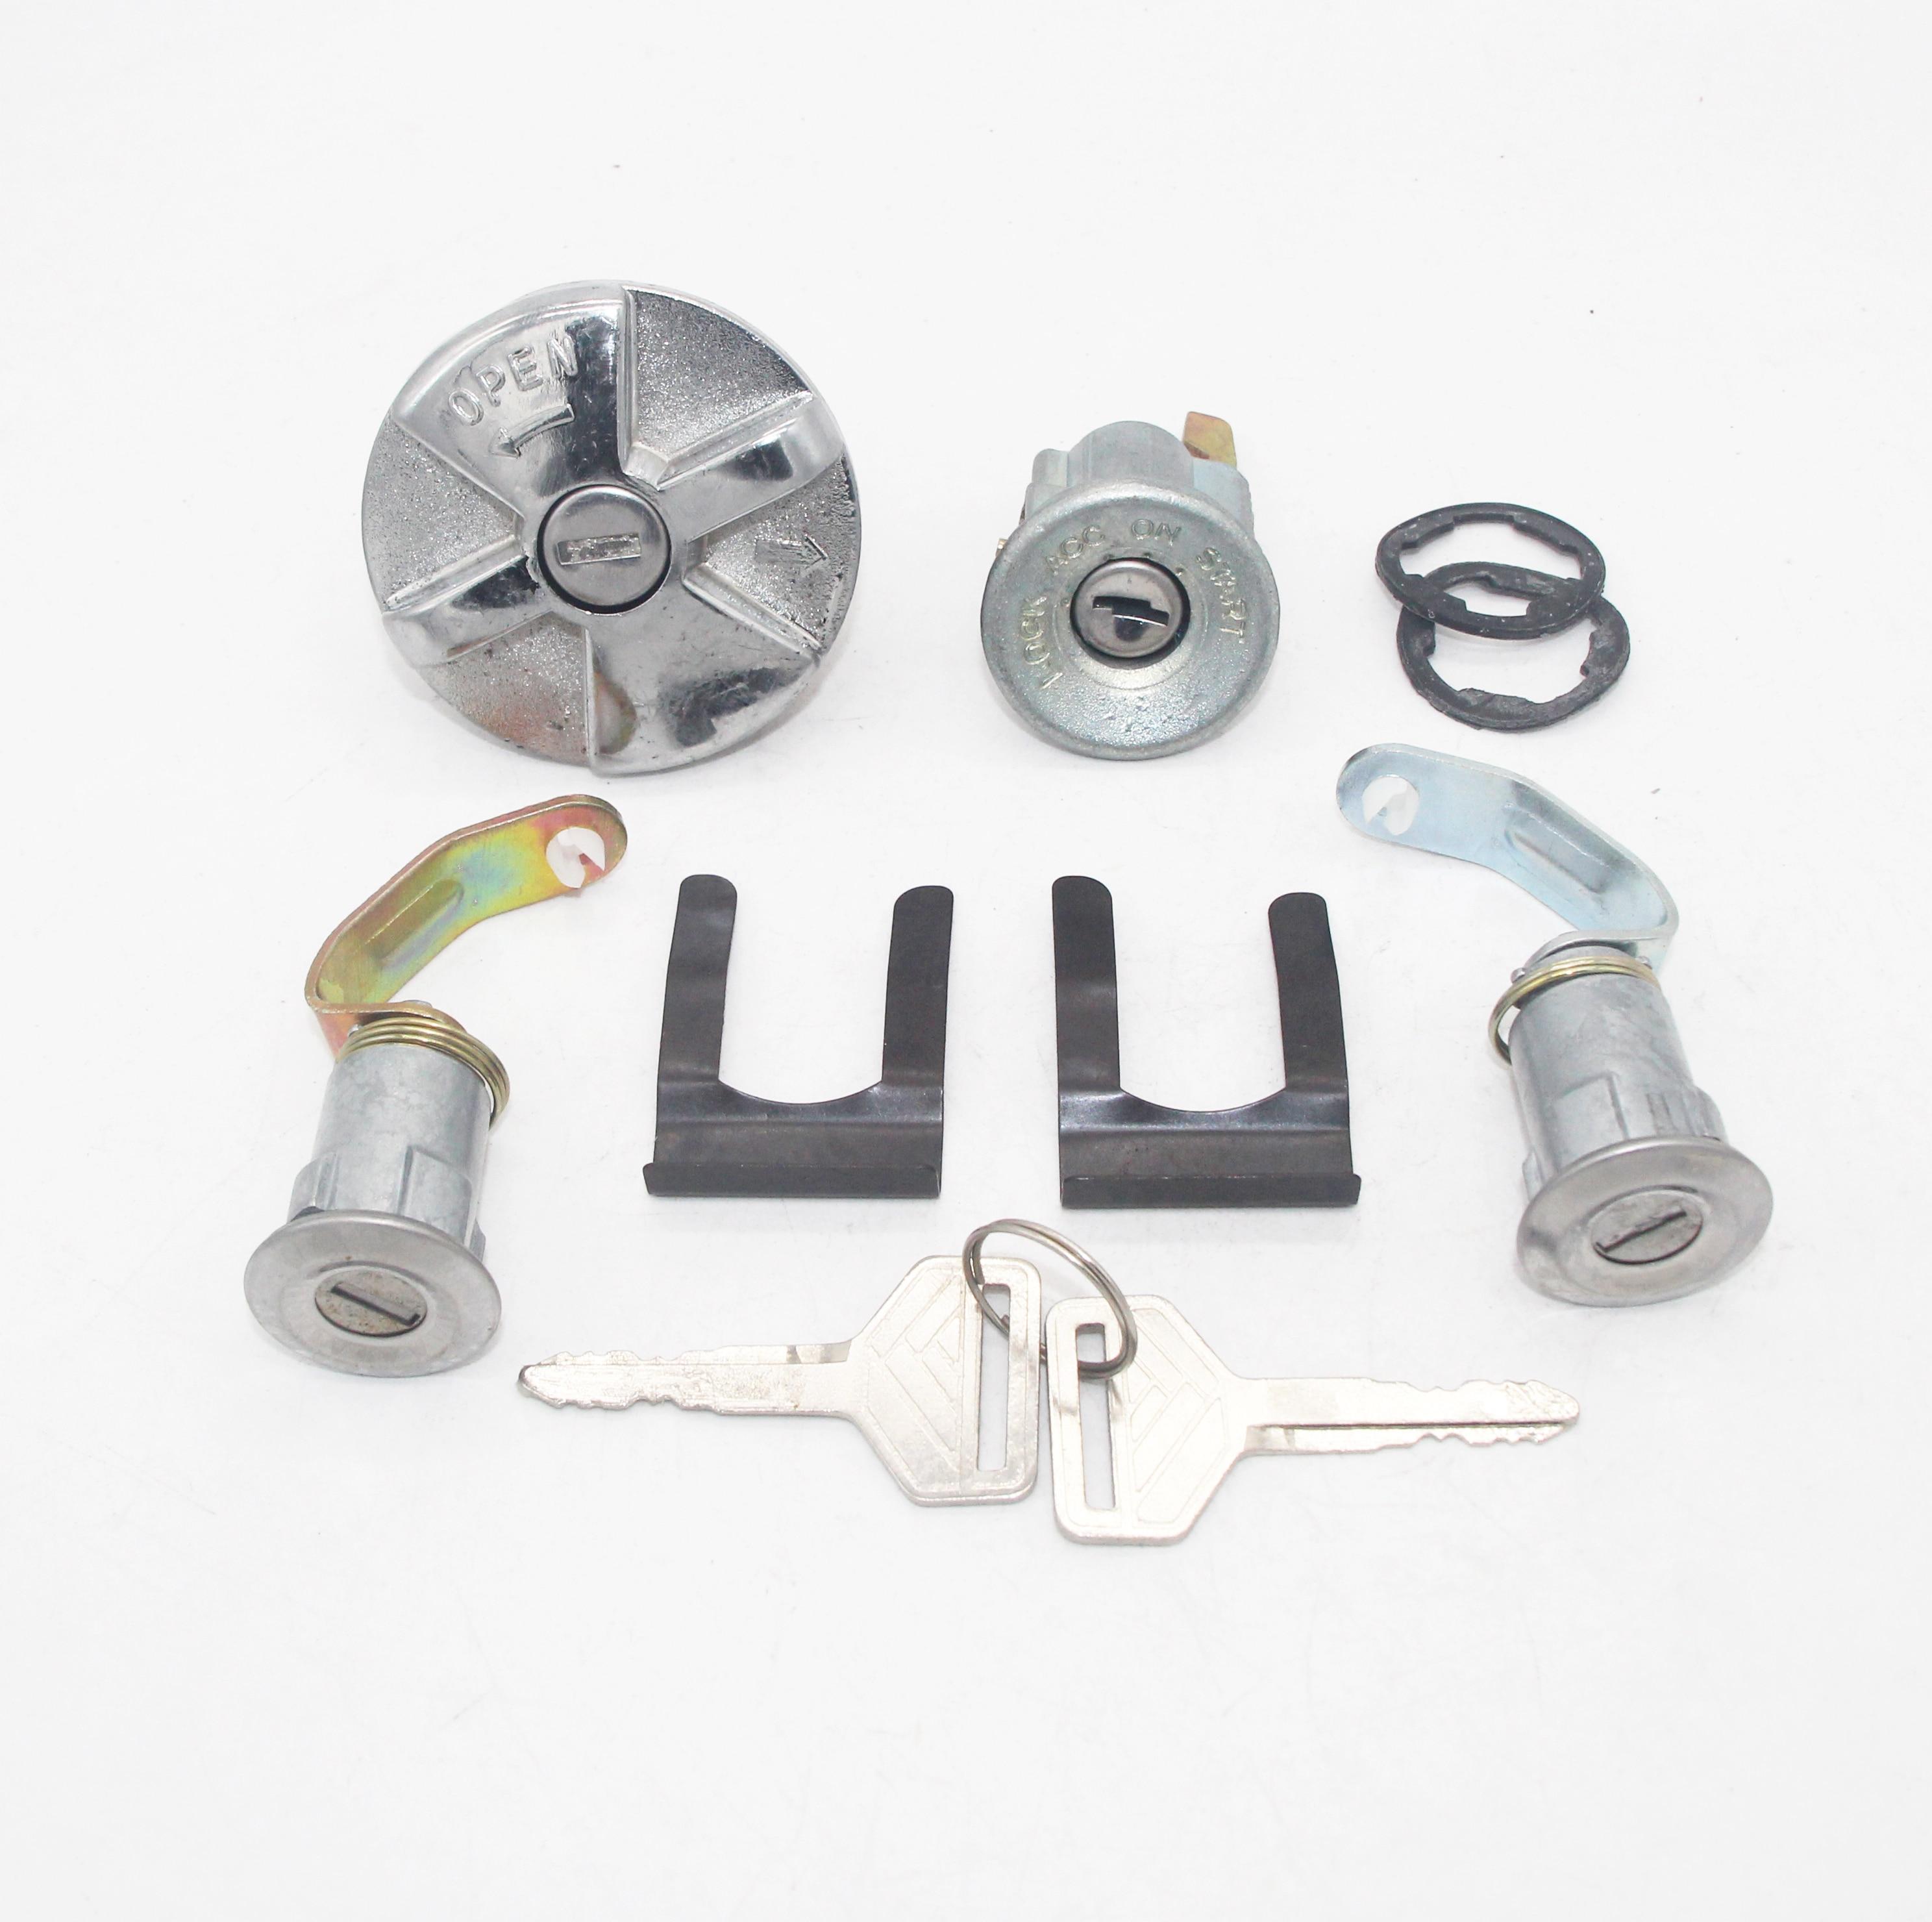 69005-90303 cilindro de ignición llave interruptor cerradura de puerta cerradura de GAS para TOYOTA LAND CRUISER serie FJ40